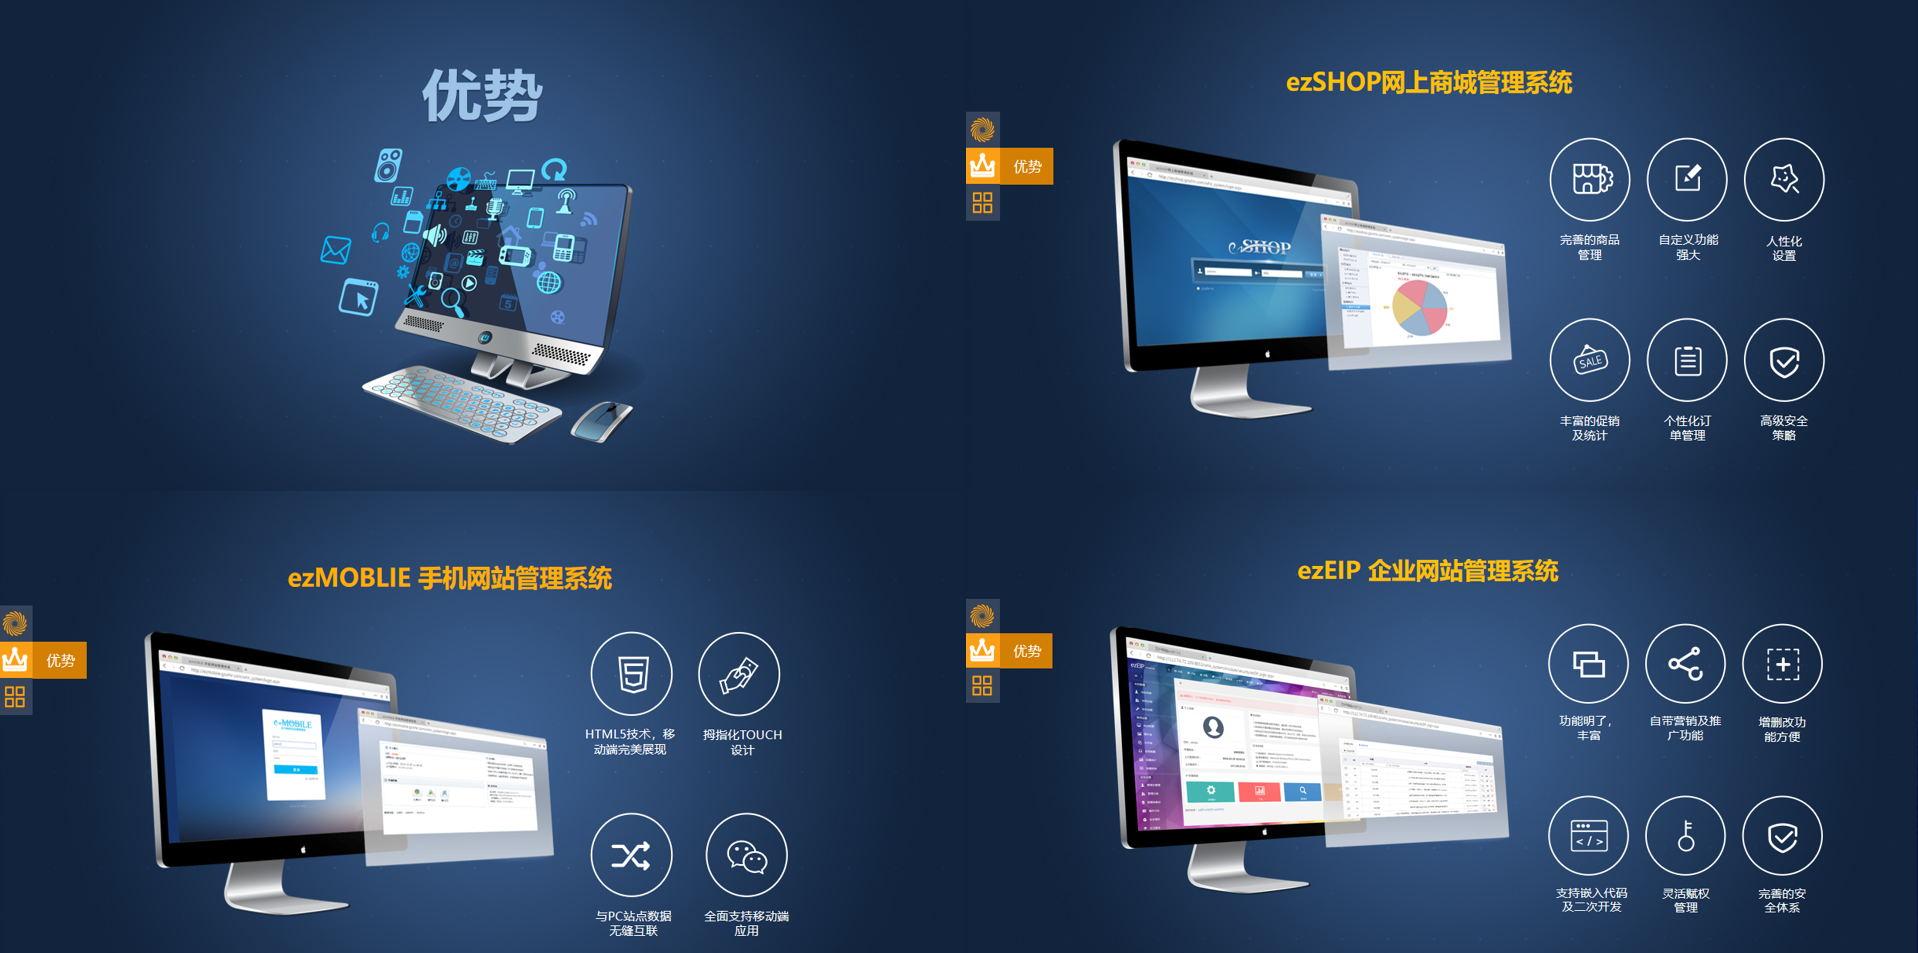 _公司企业网站建设官网响应式营销型网站定制开发制作设计商城改版32